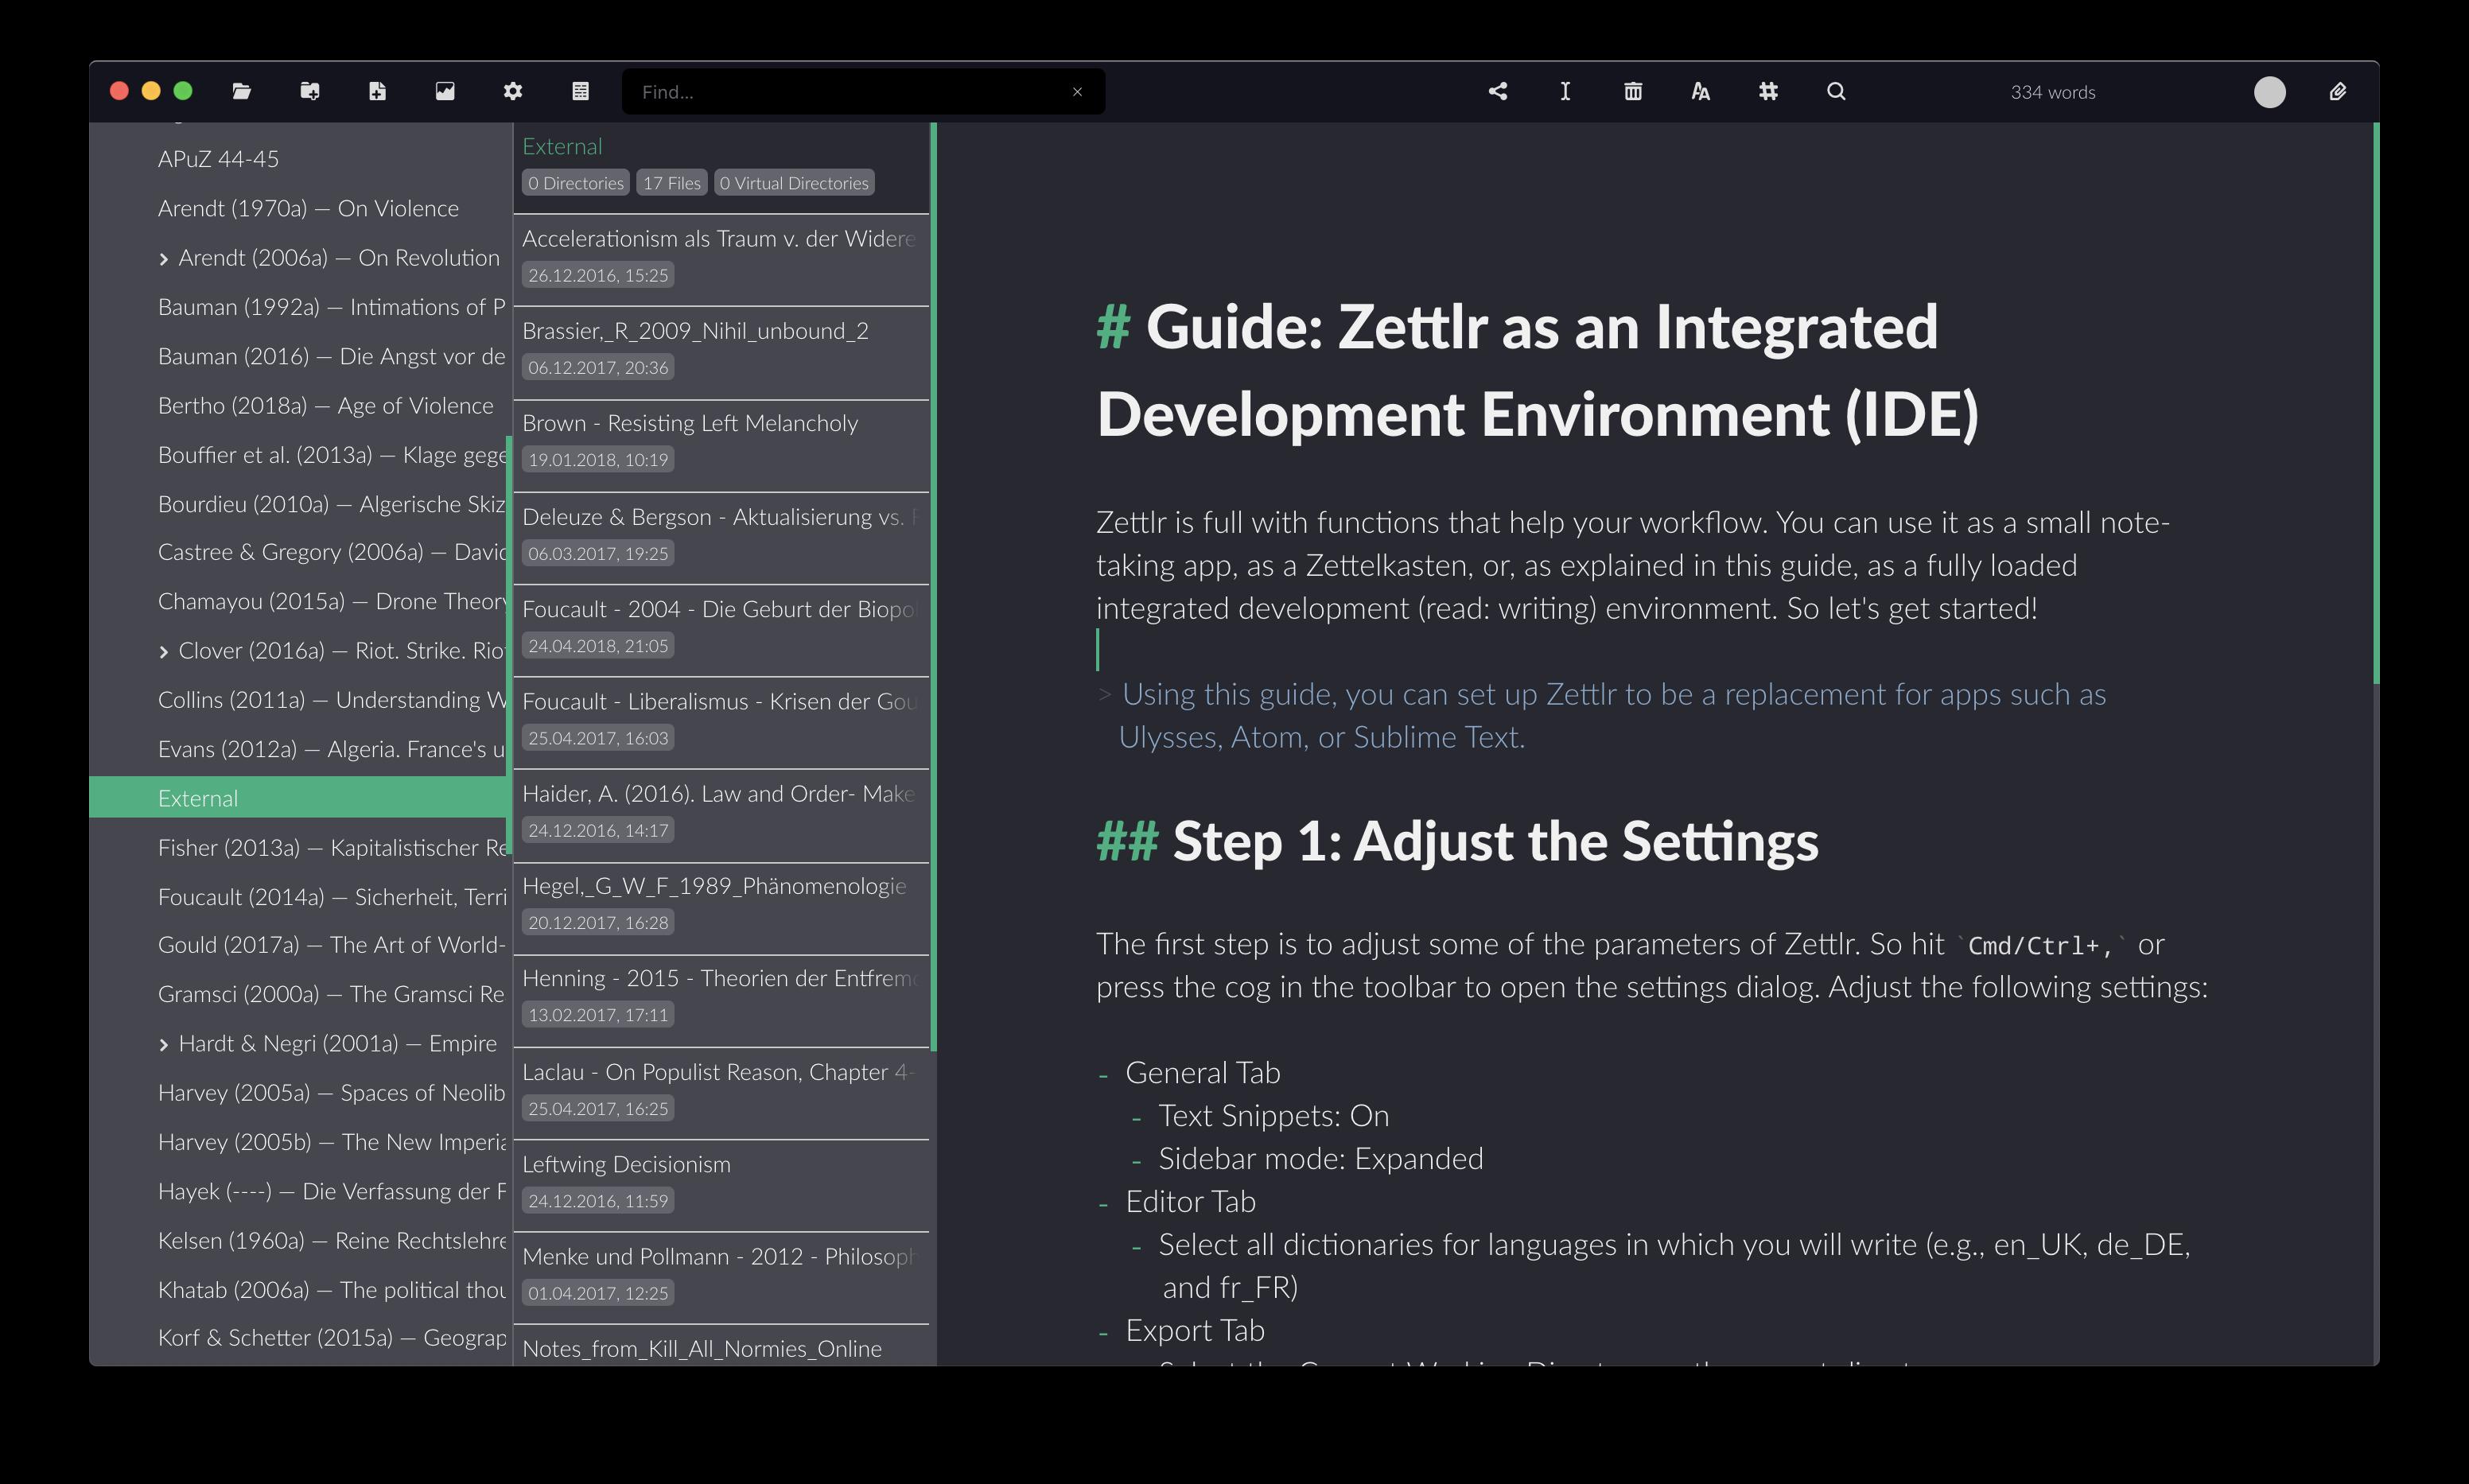 Zettlr as an IDE